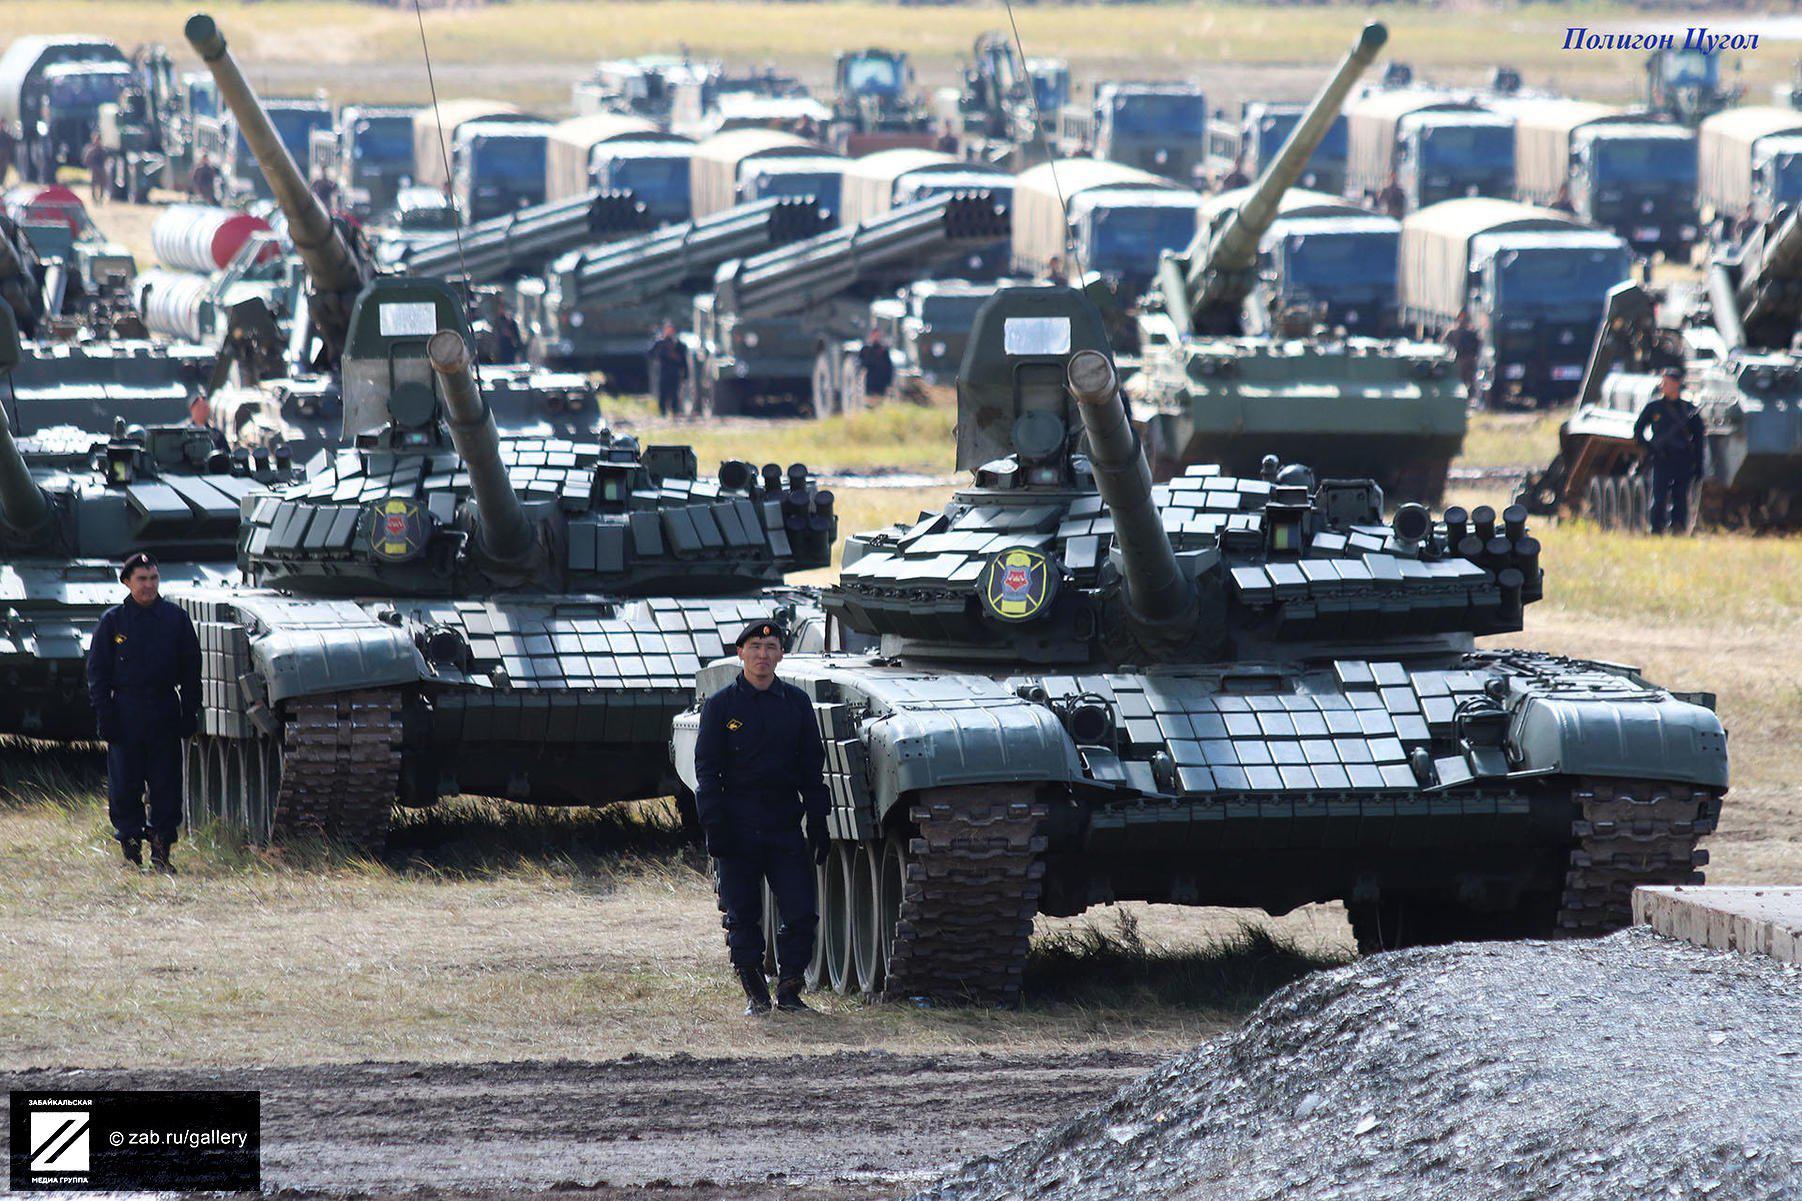 东方-2018战略演习:俄军远程兵力投送知多少